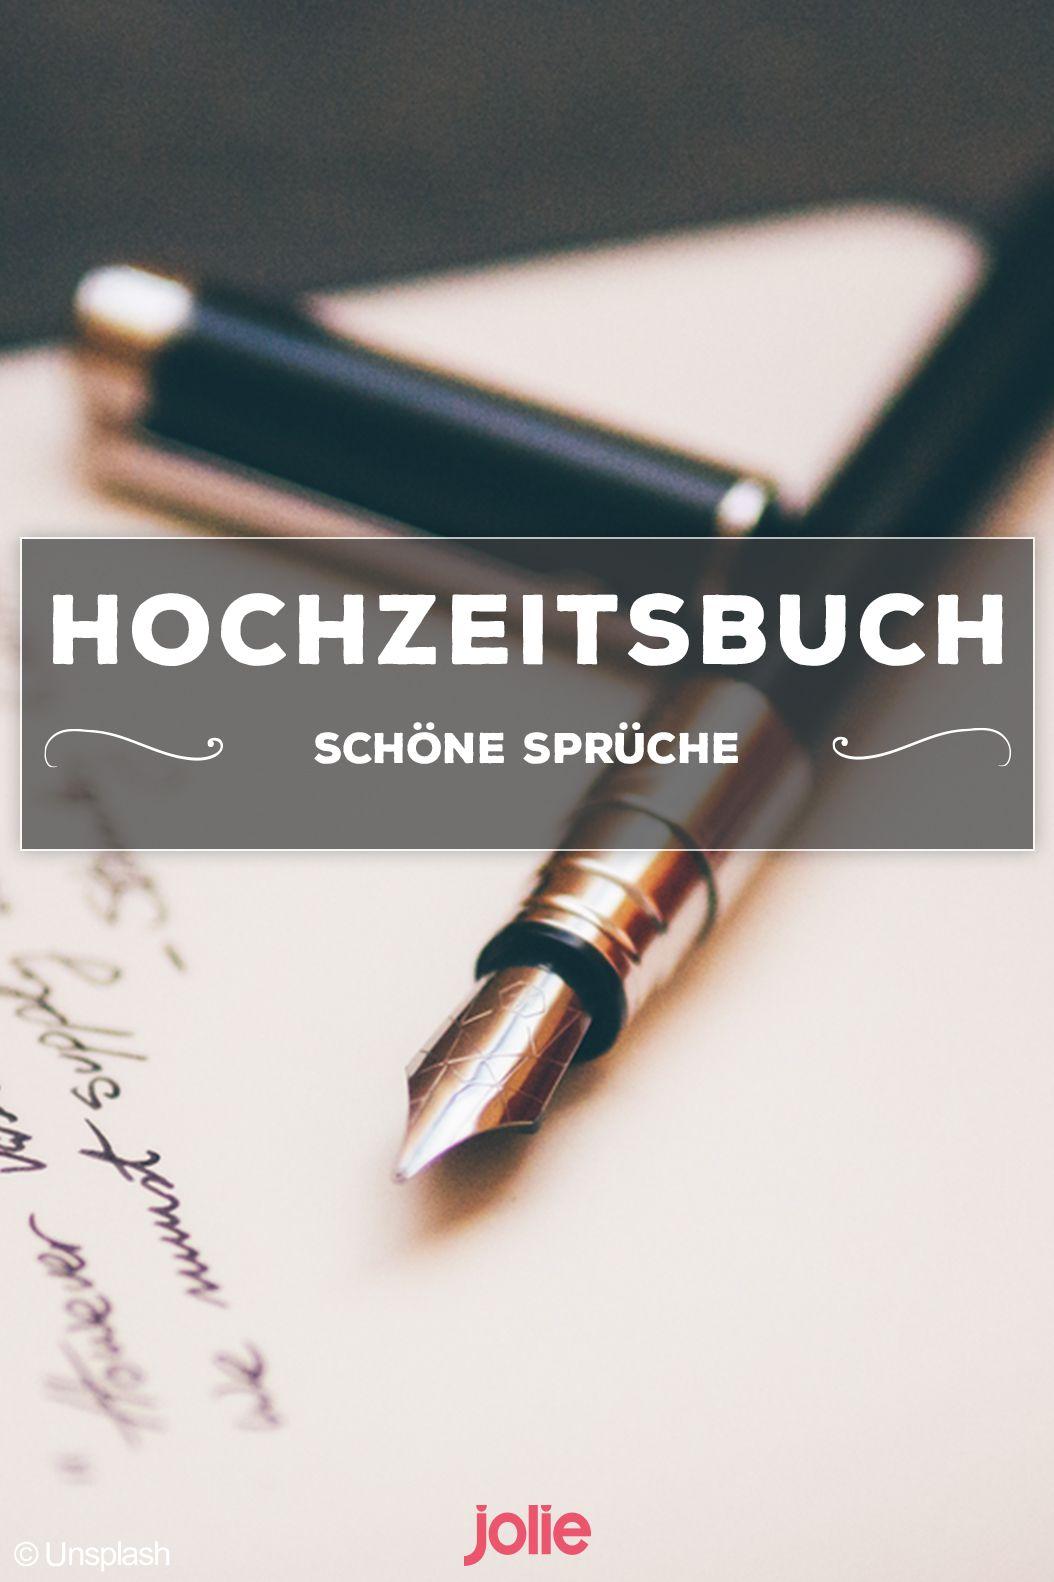 Schone Spruche Hochzeitsbuch | Schöne Sprüche Ideas